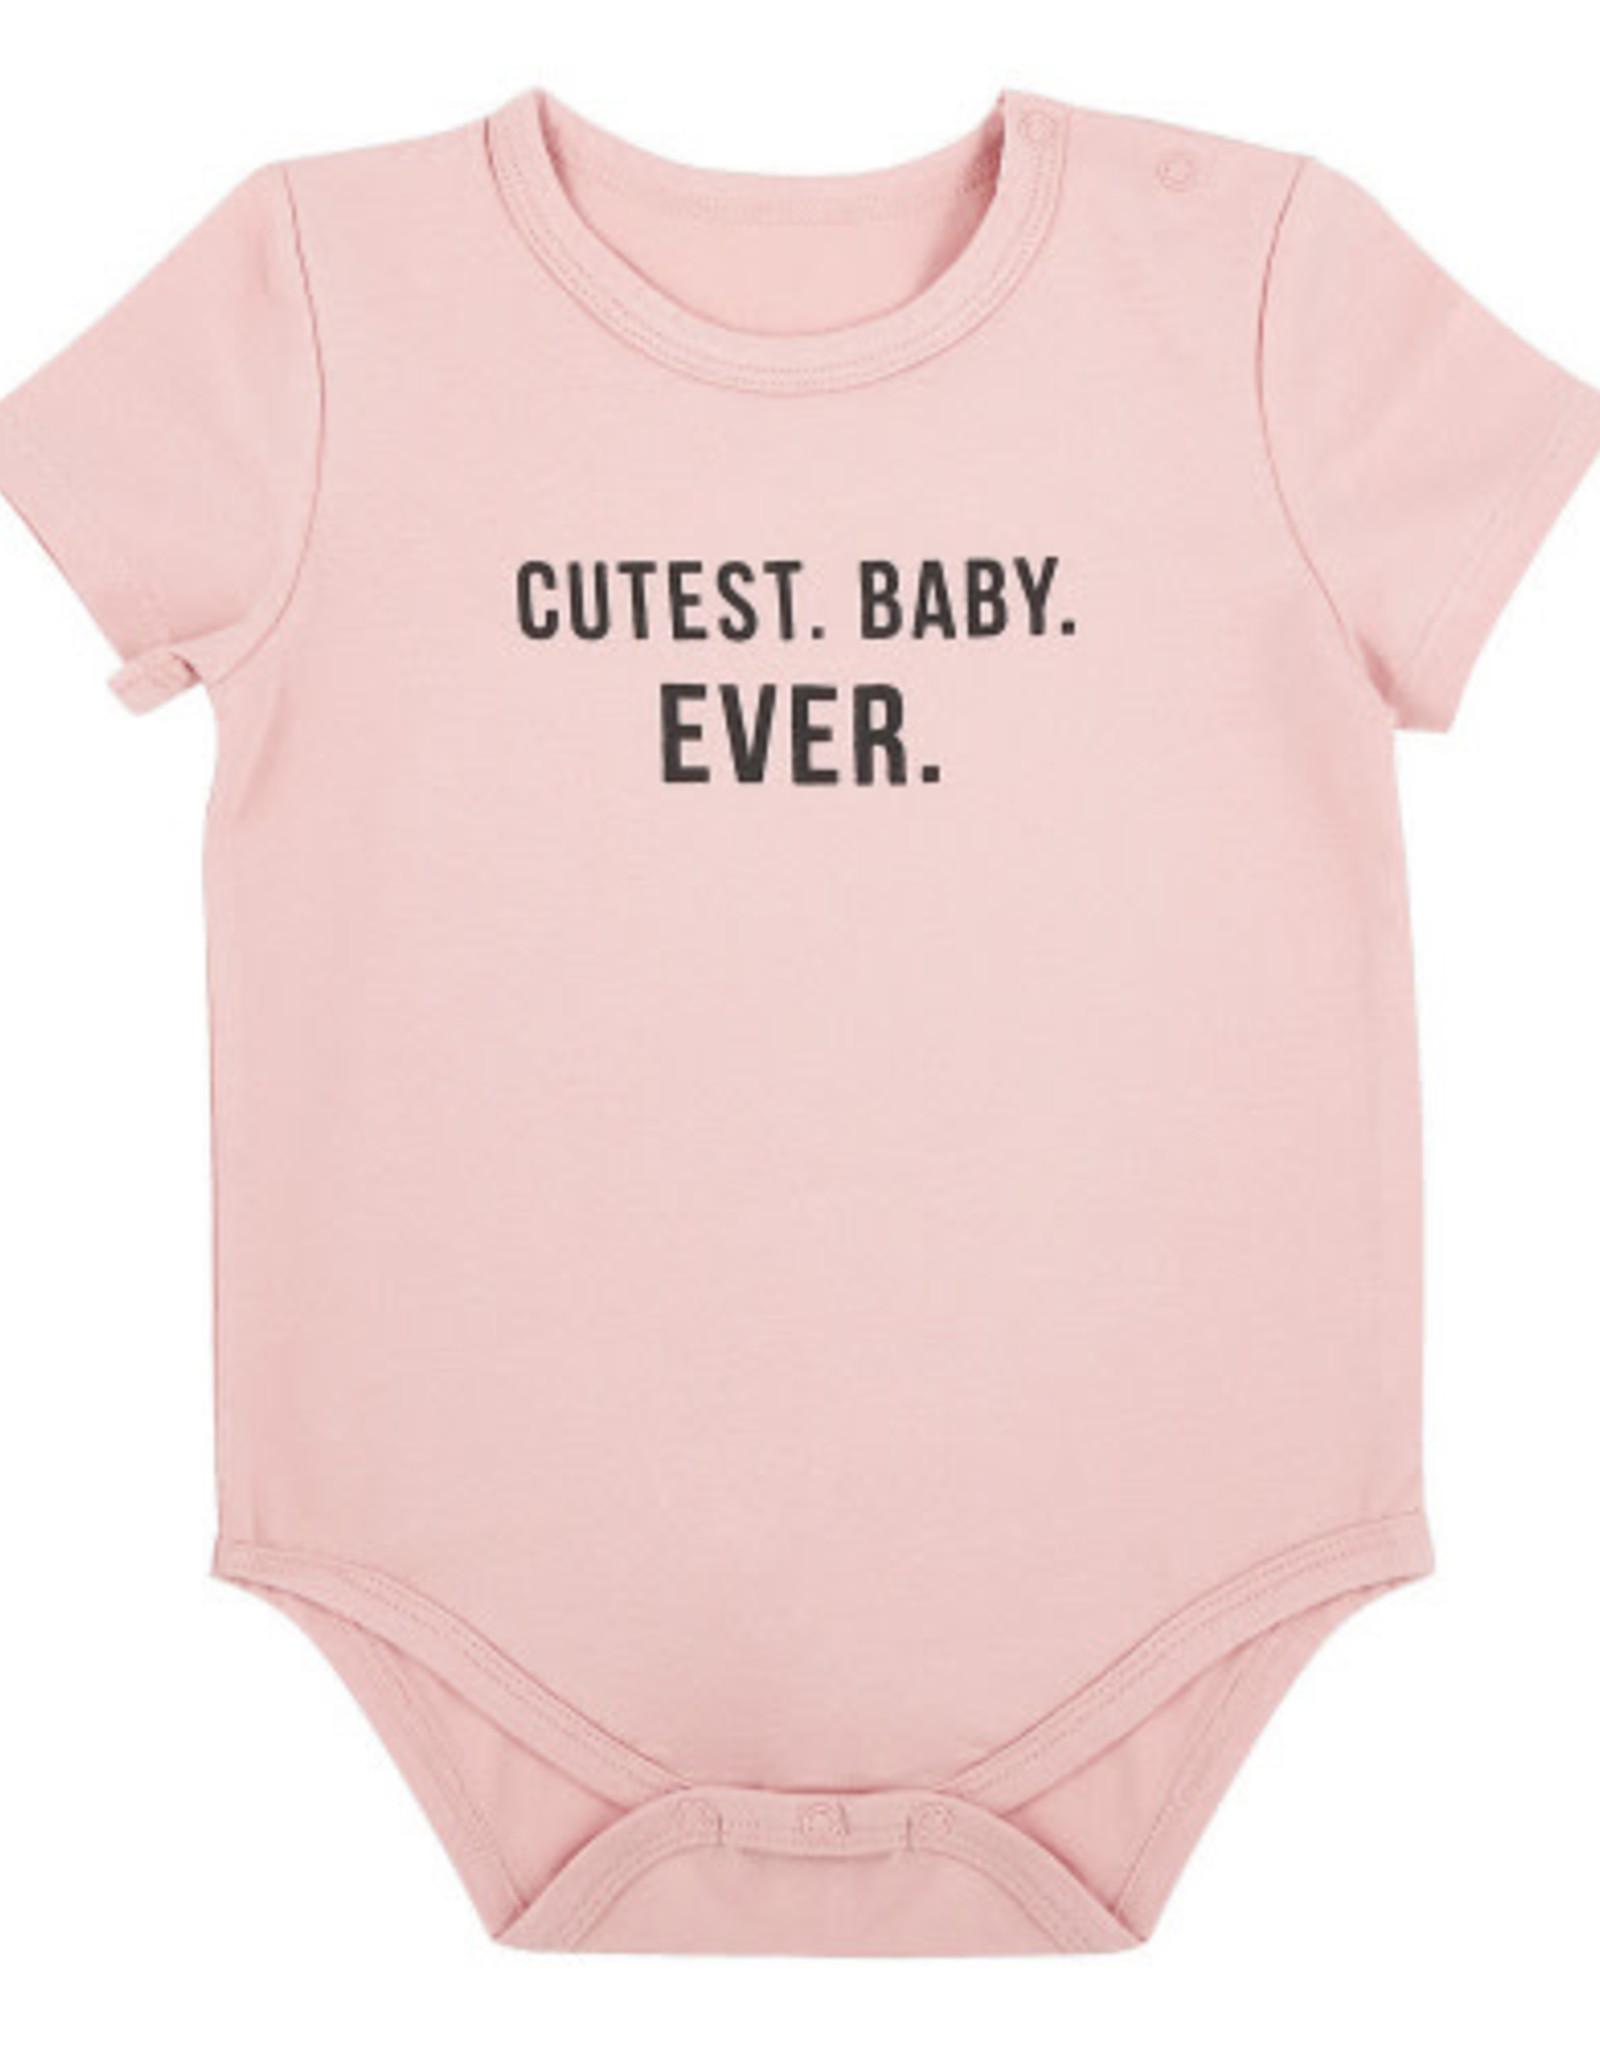 Creative Brands Cutest Baby Snapshirt Onesie